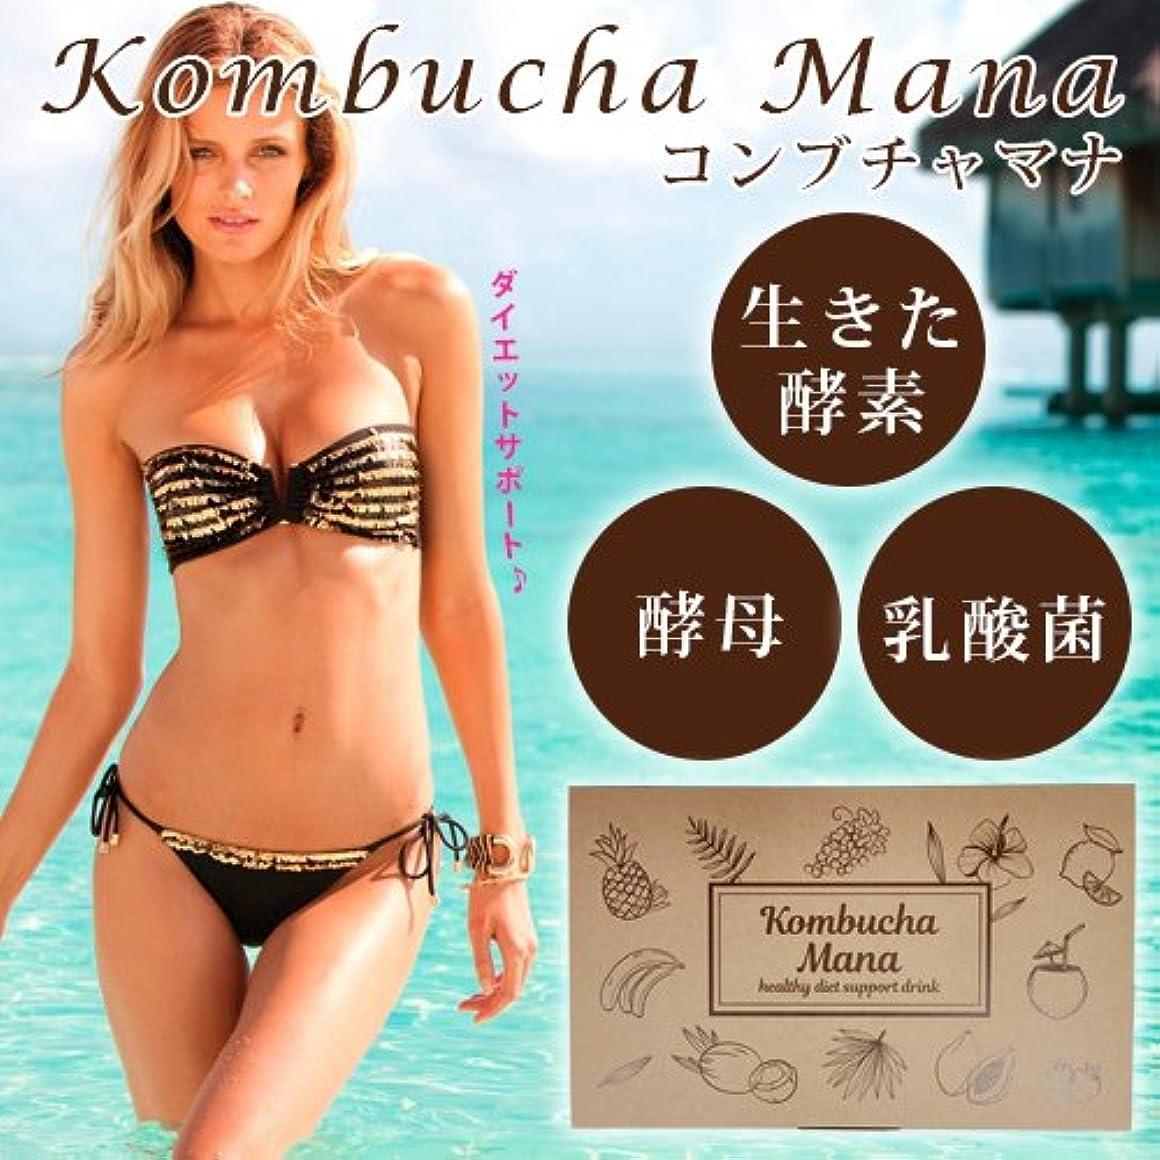 マーチャンダイジング同級生ペダルコンブチャマナ(Kombucha Mana)ダイエットクレンジングドリンク (2箱)